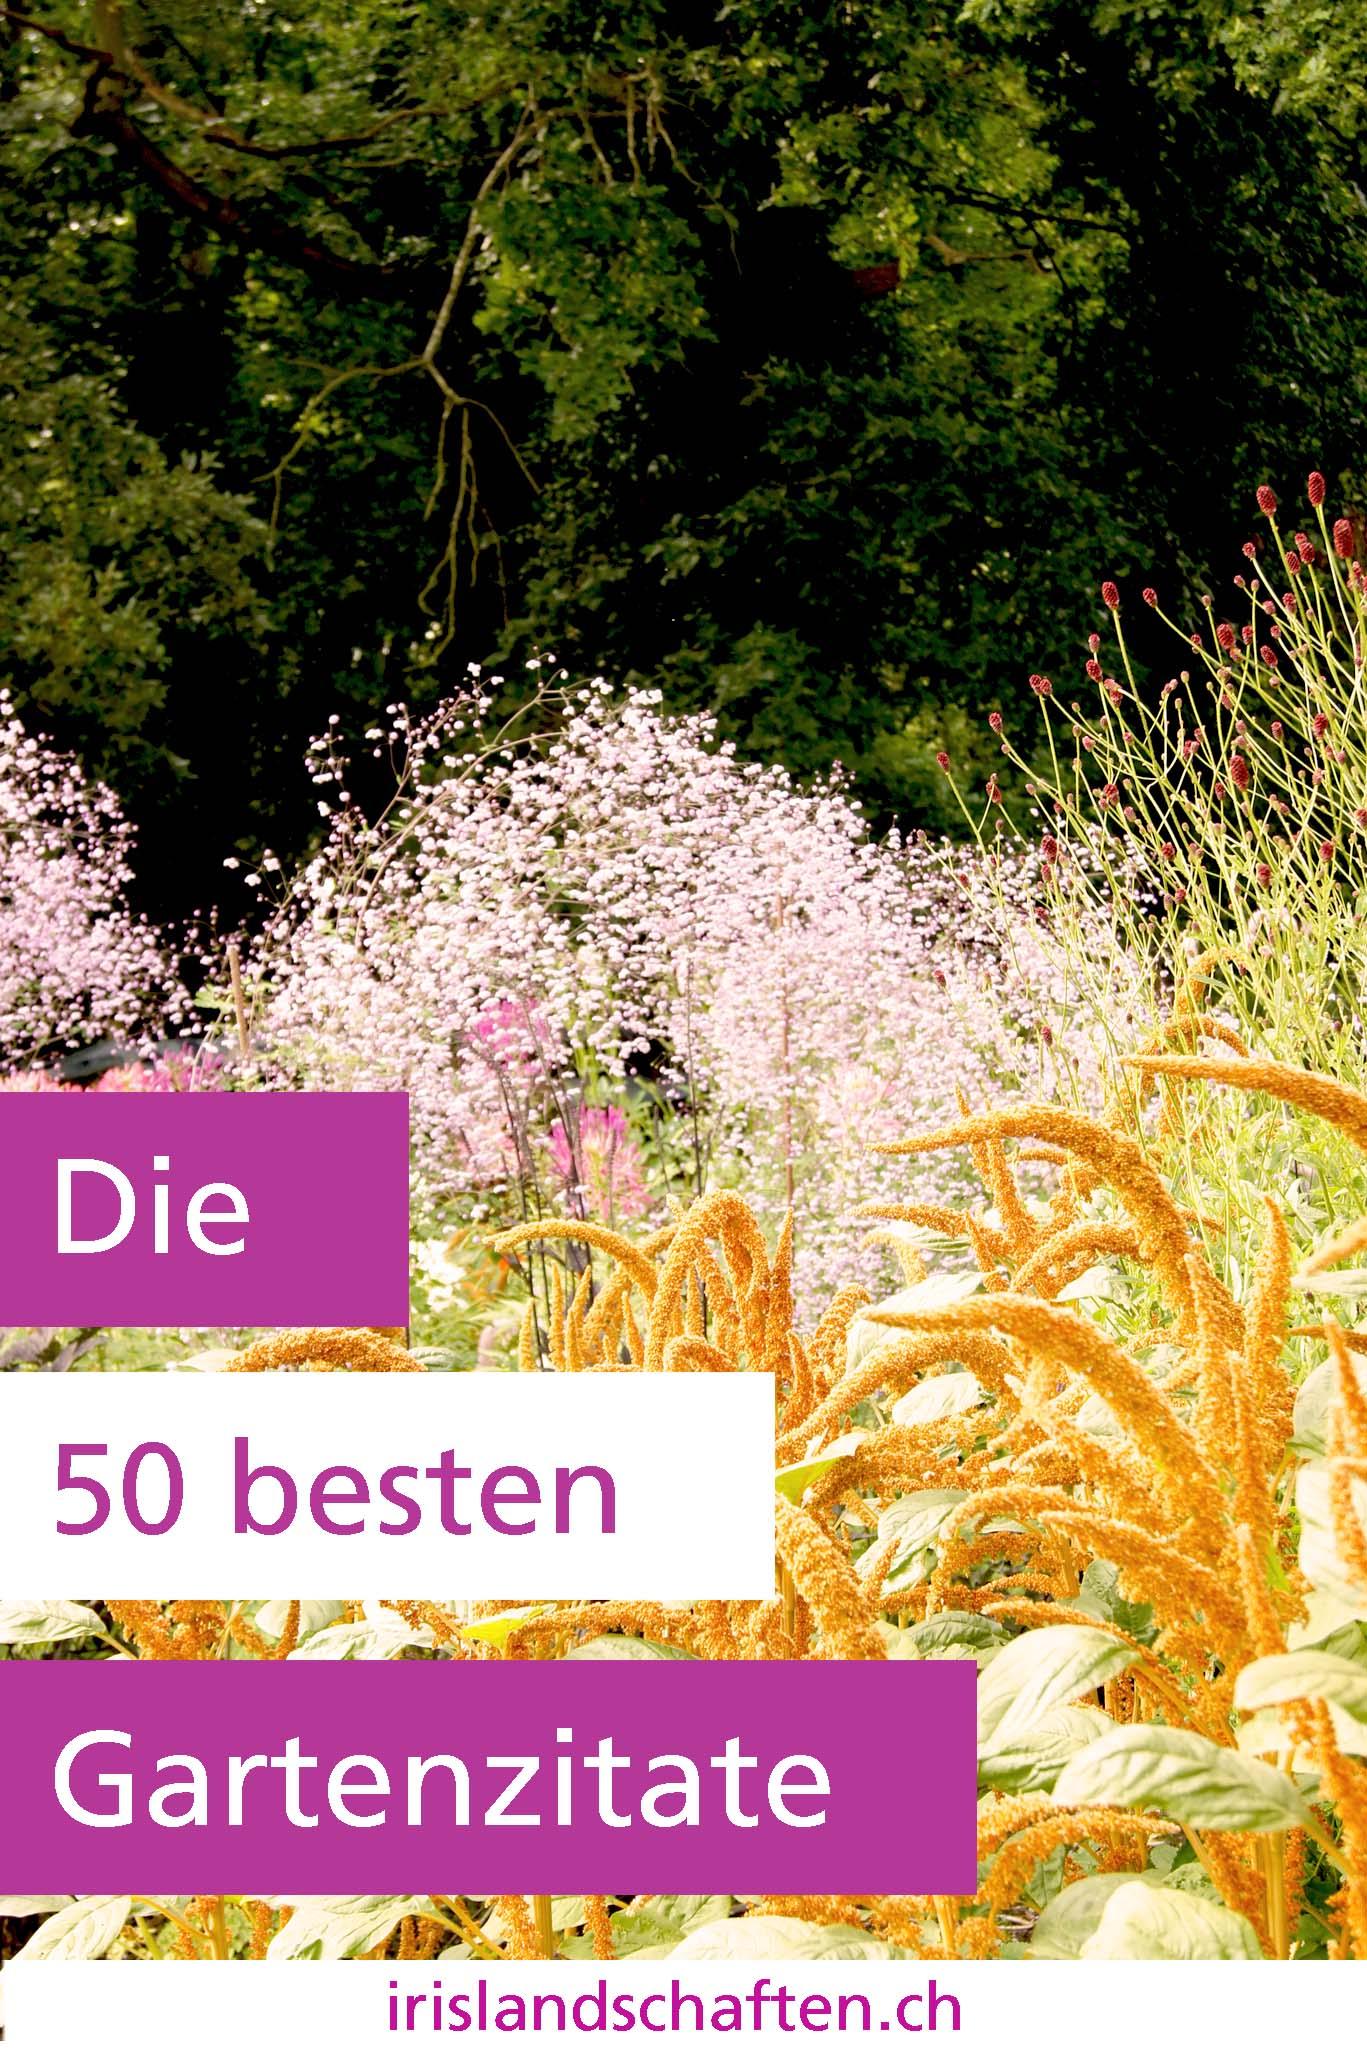 Gartenzitate Gartengestaltung